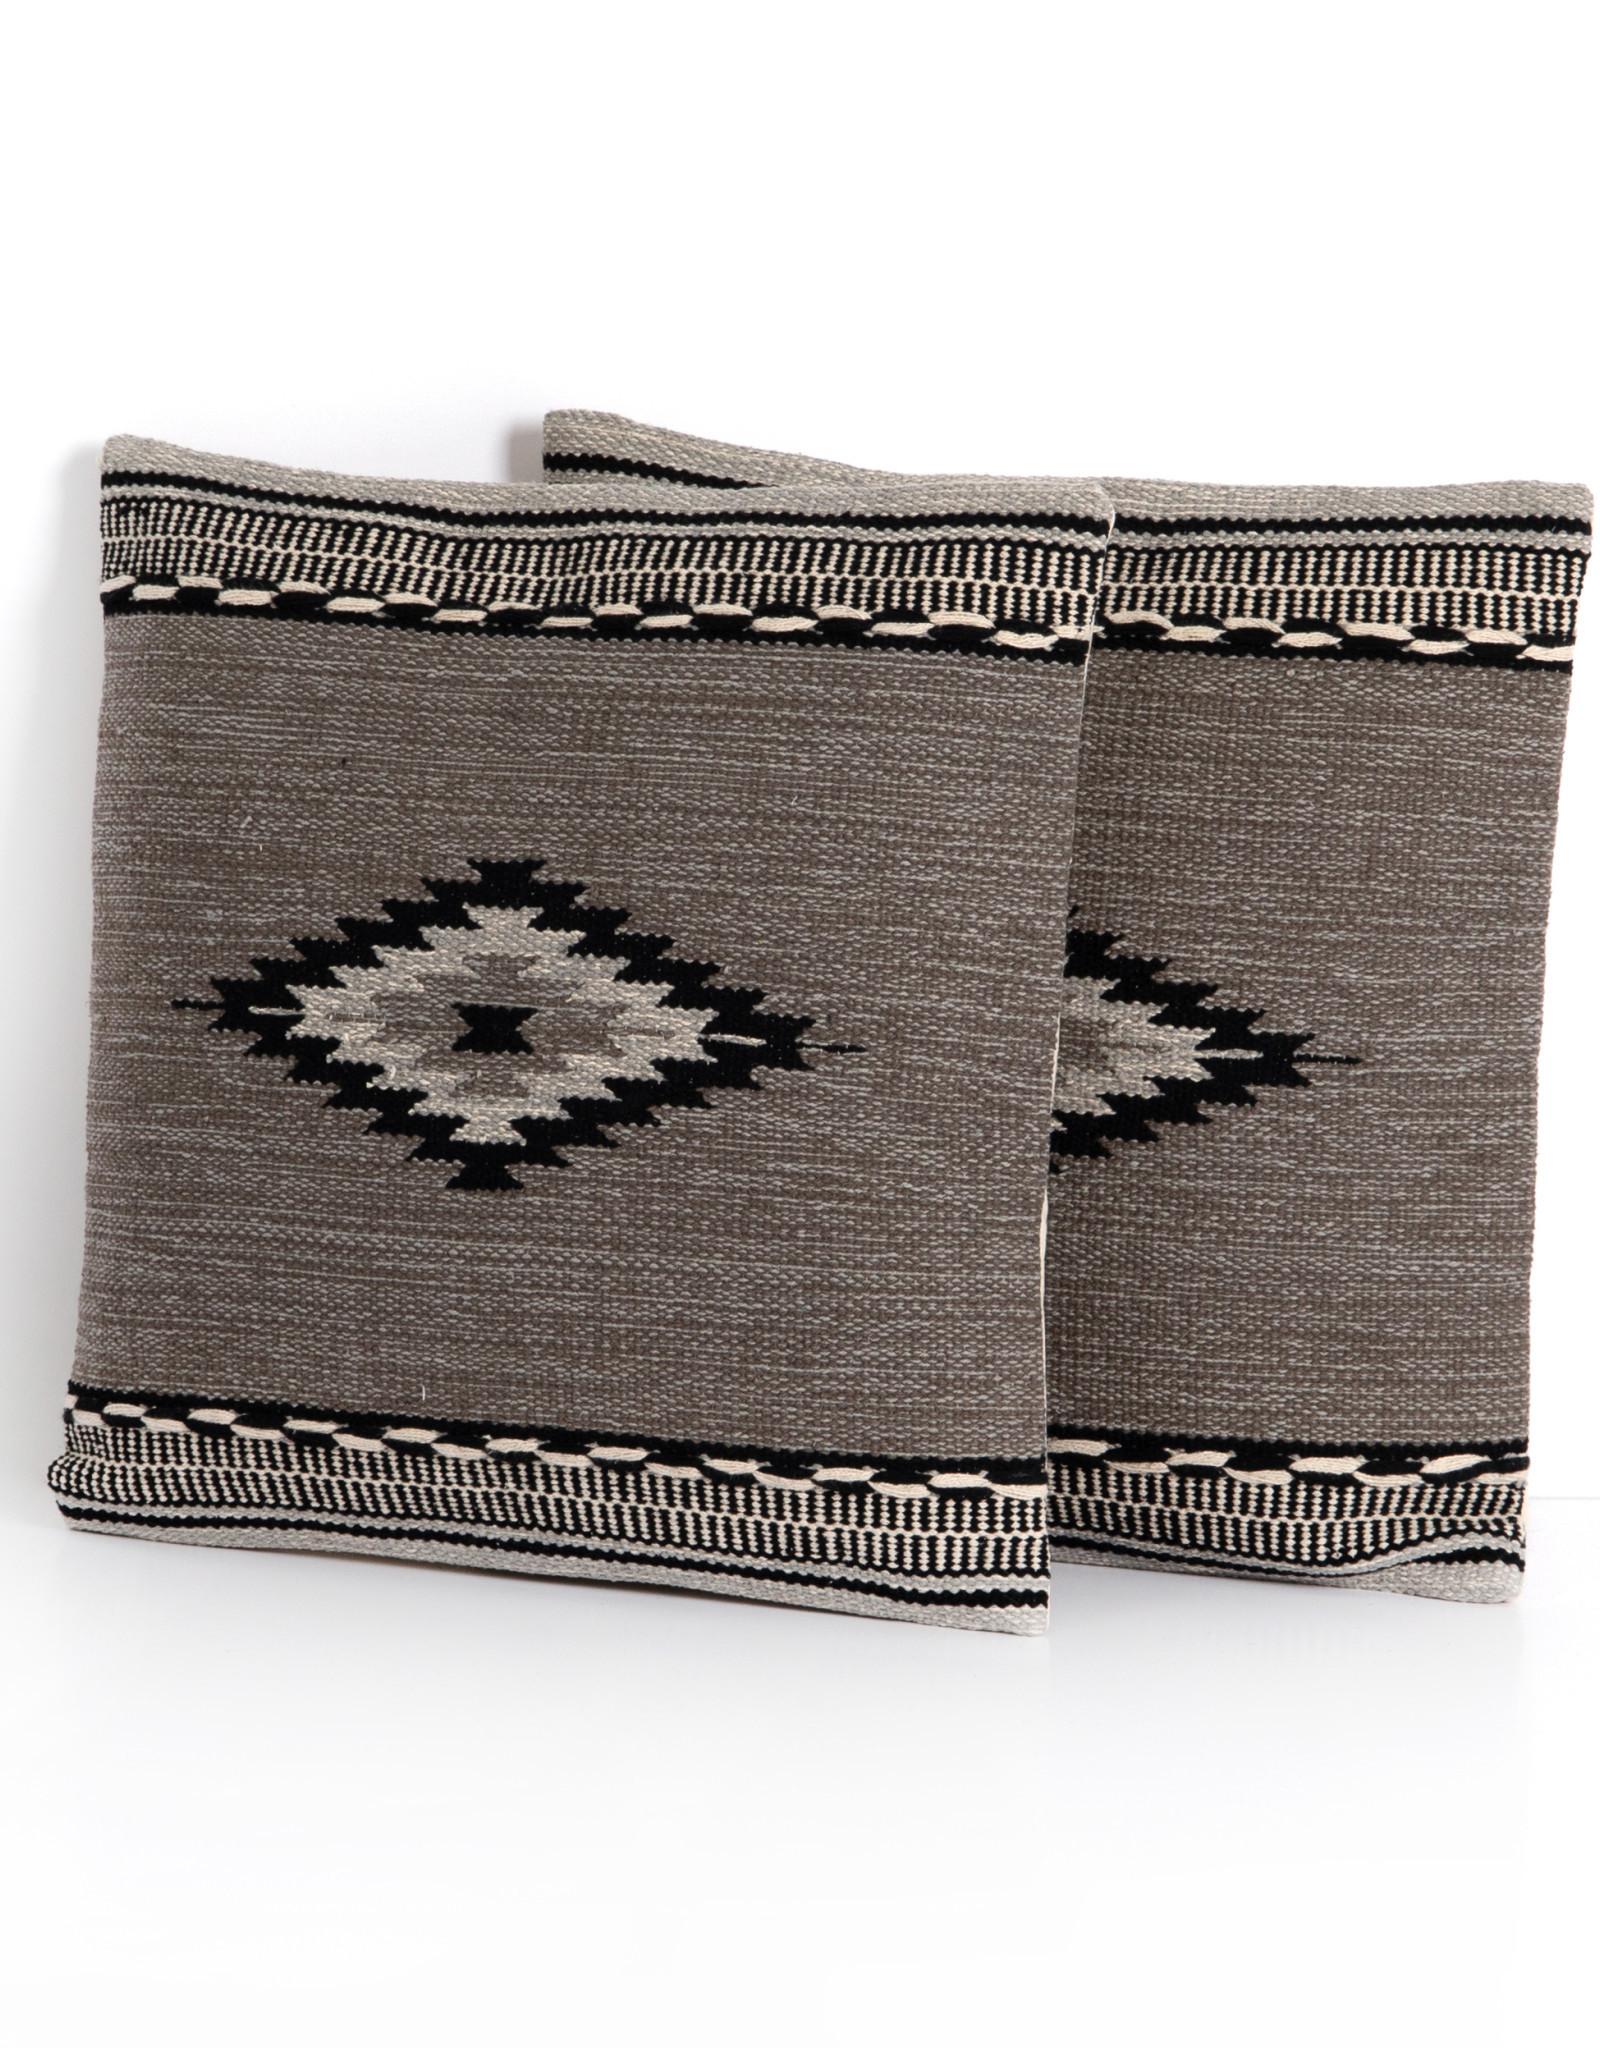 Geana Pillow